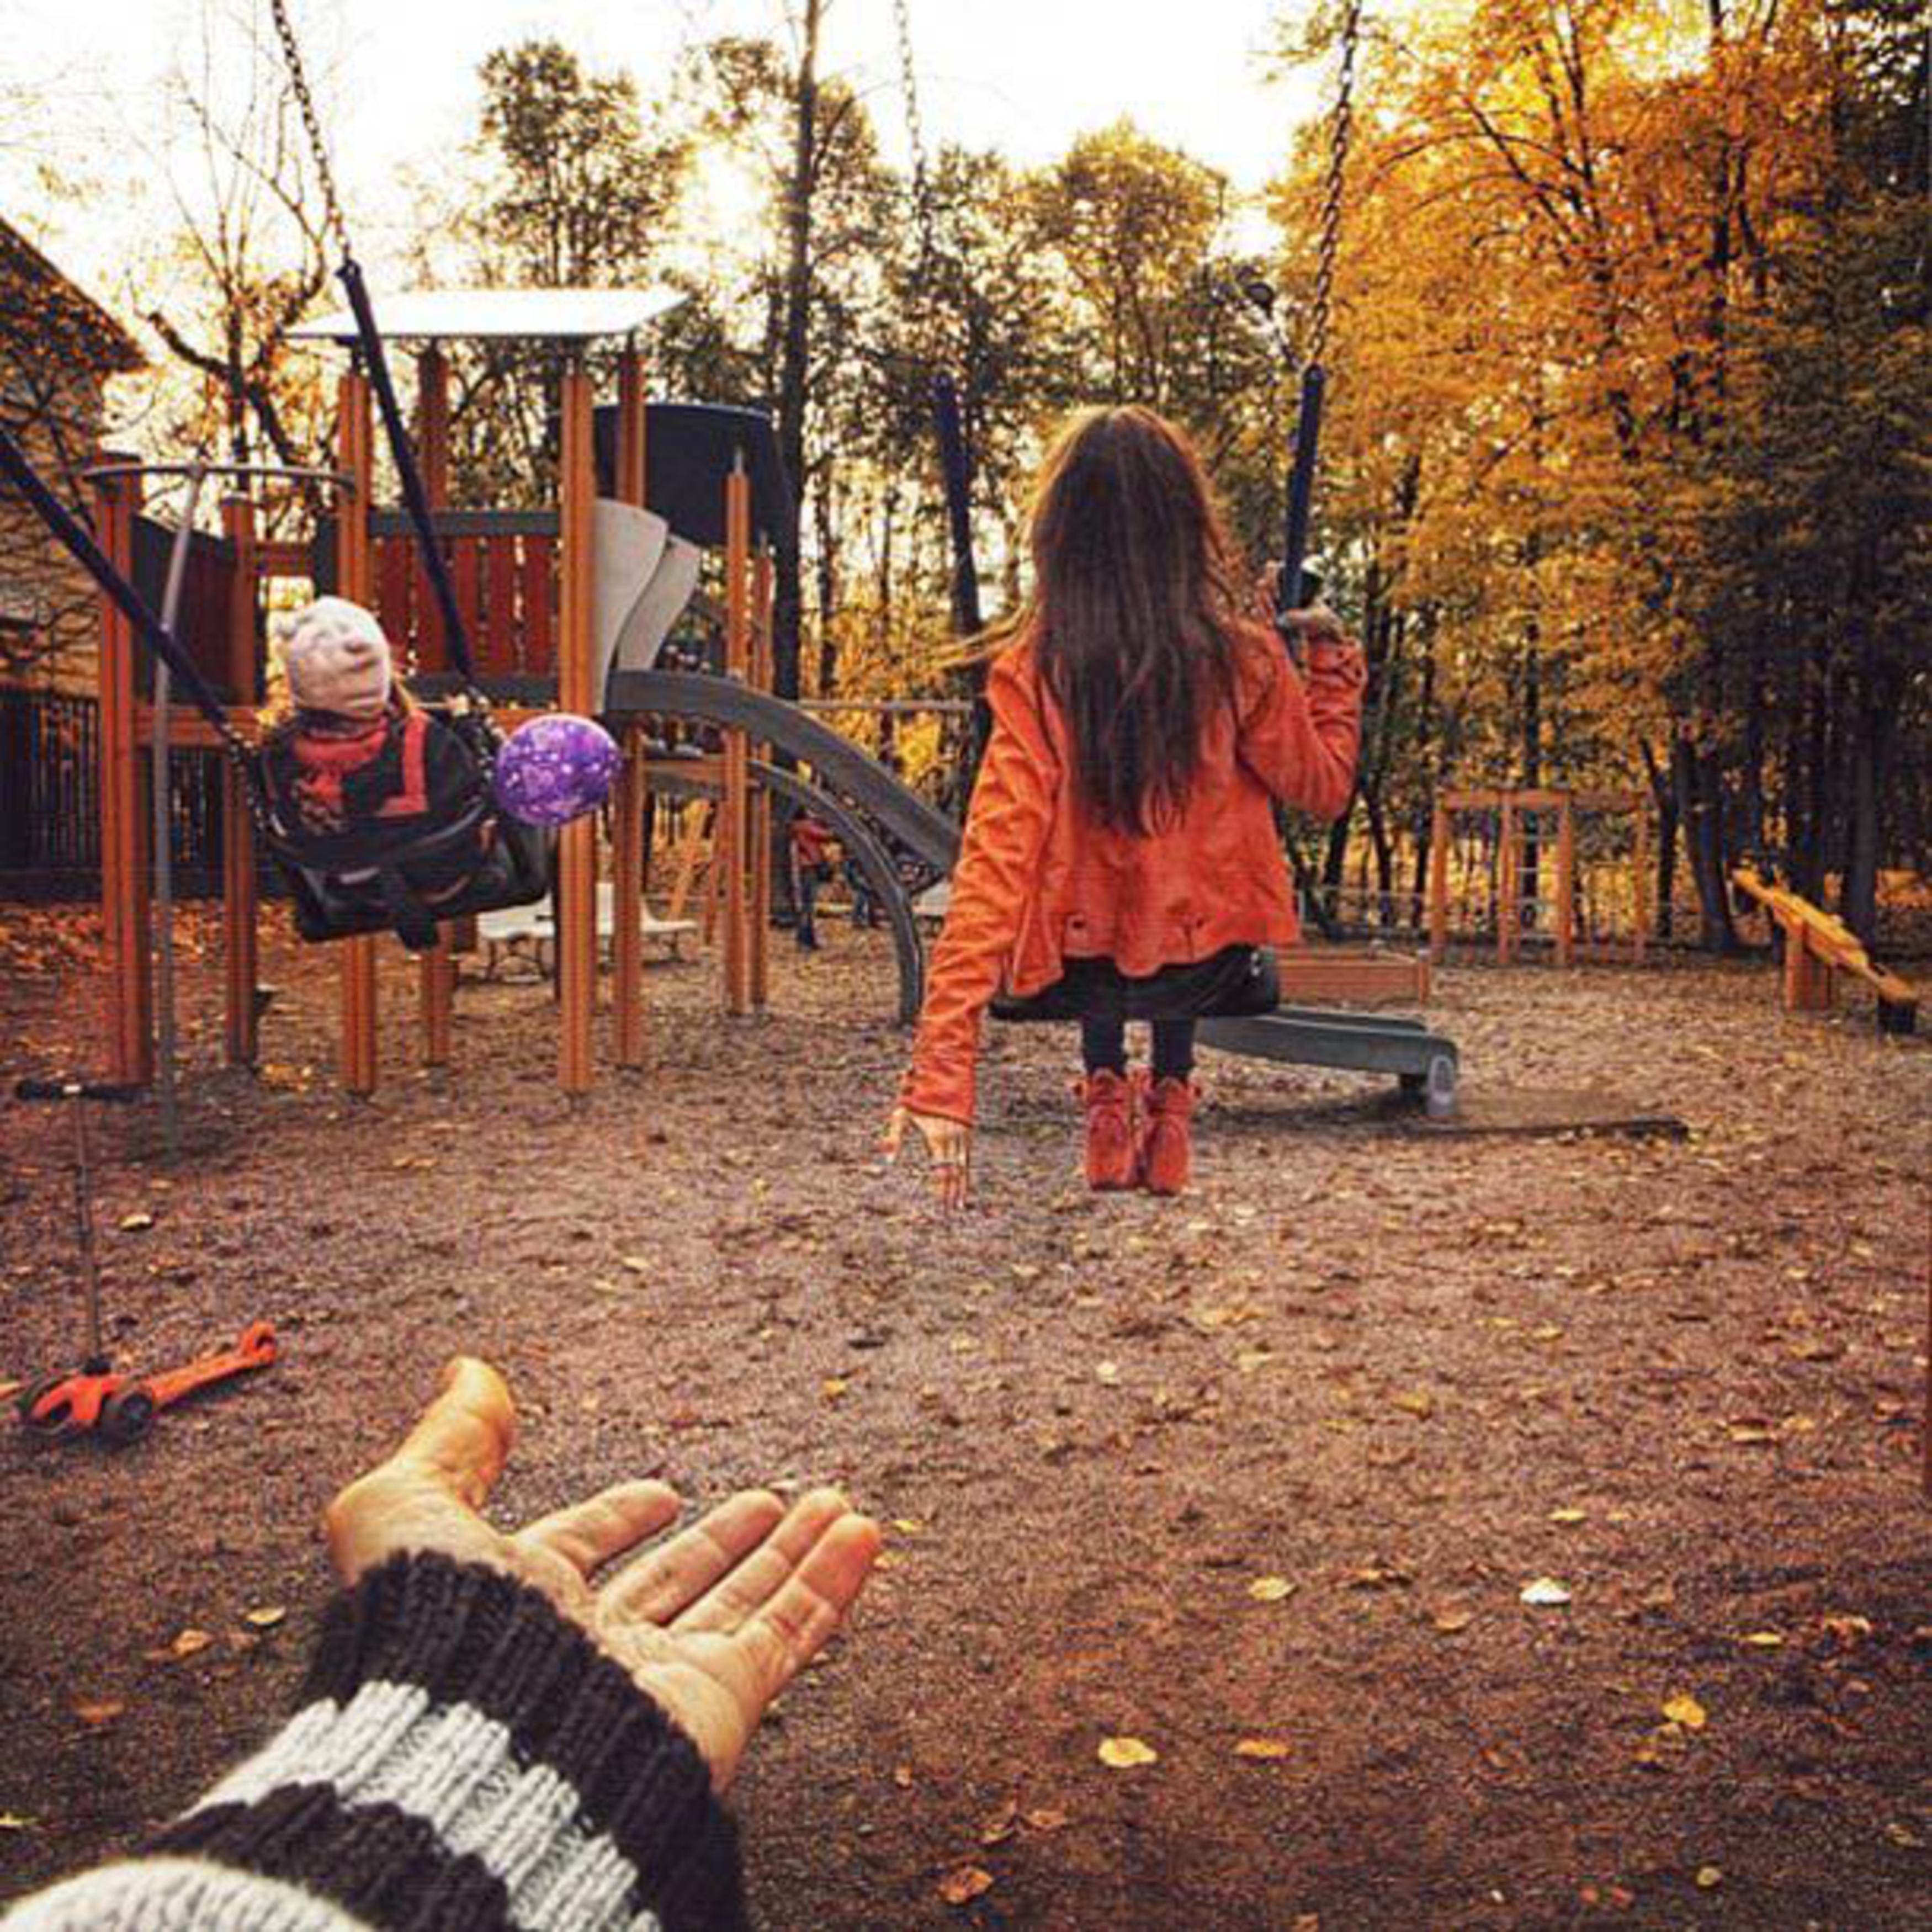 Фото девушка за руку держит фотографа